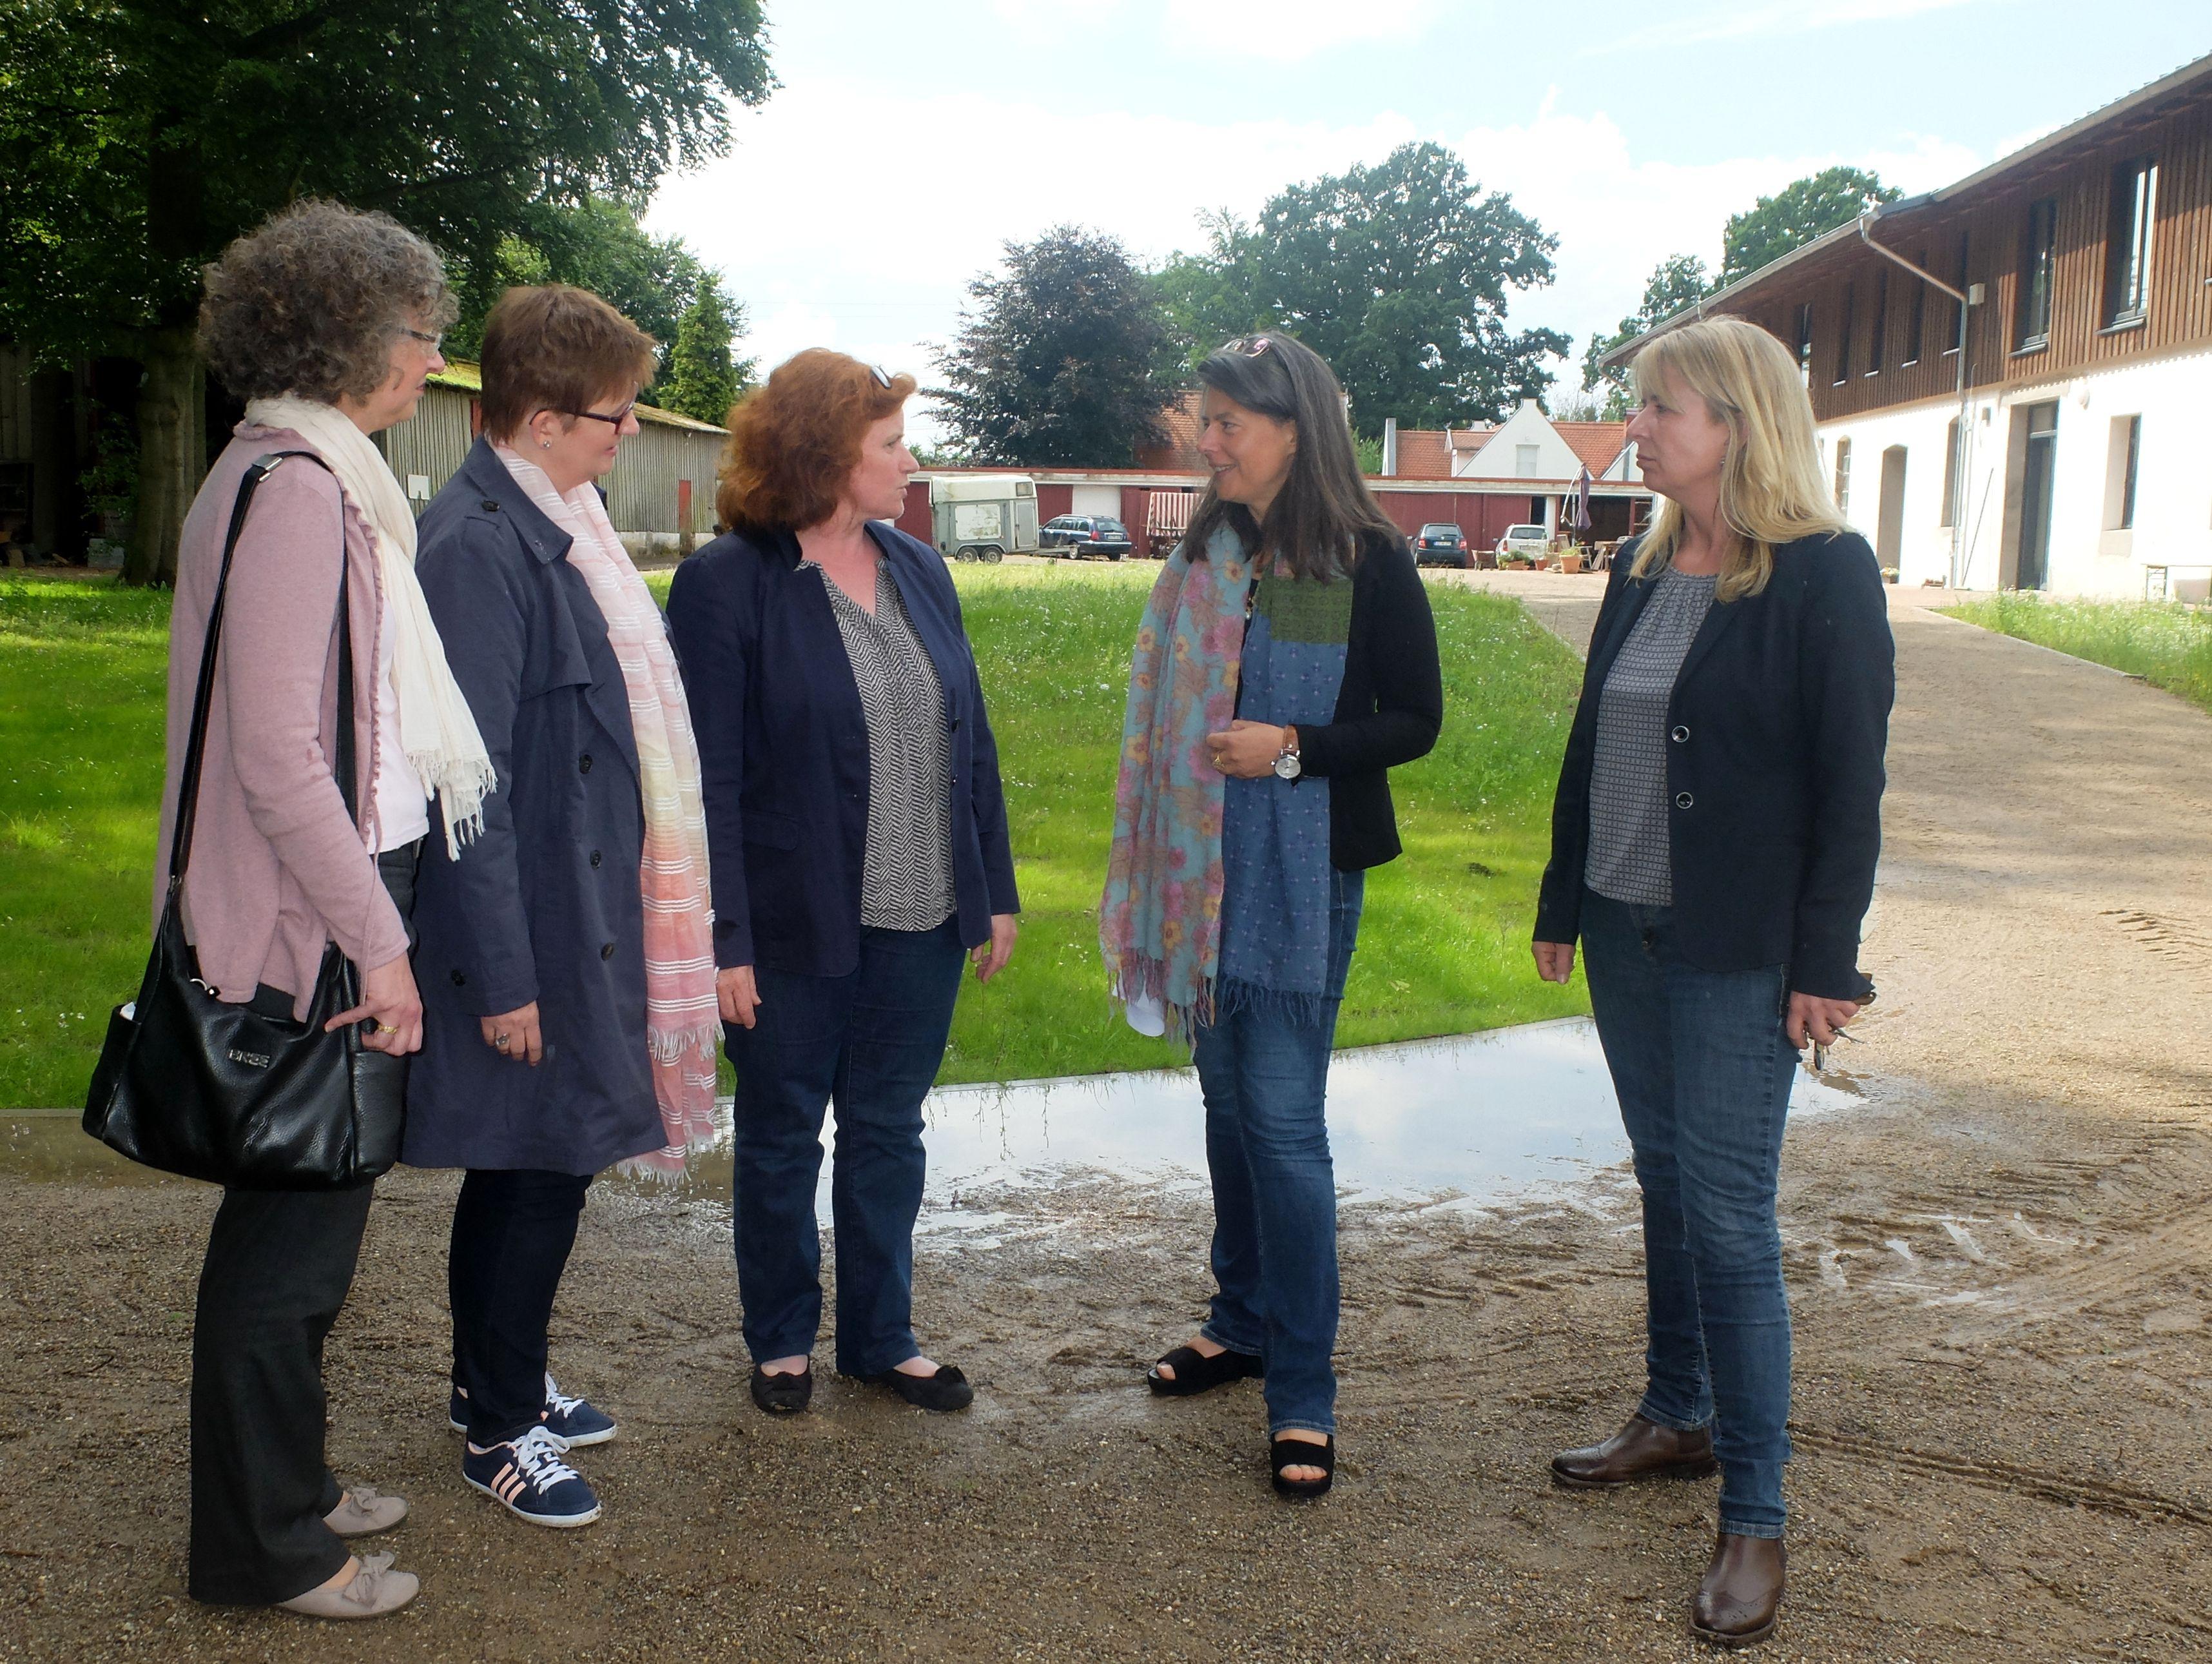 Foto v.l.: Maren Singer, Kirsten Niemann, Barbara Hollmann, Nina Scheer, Melanie Lindemann